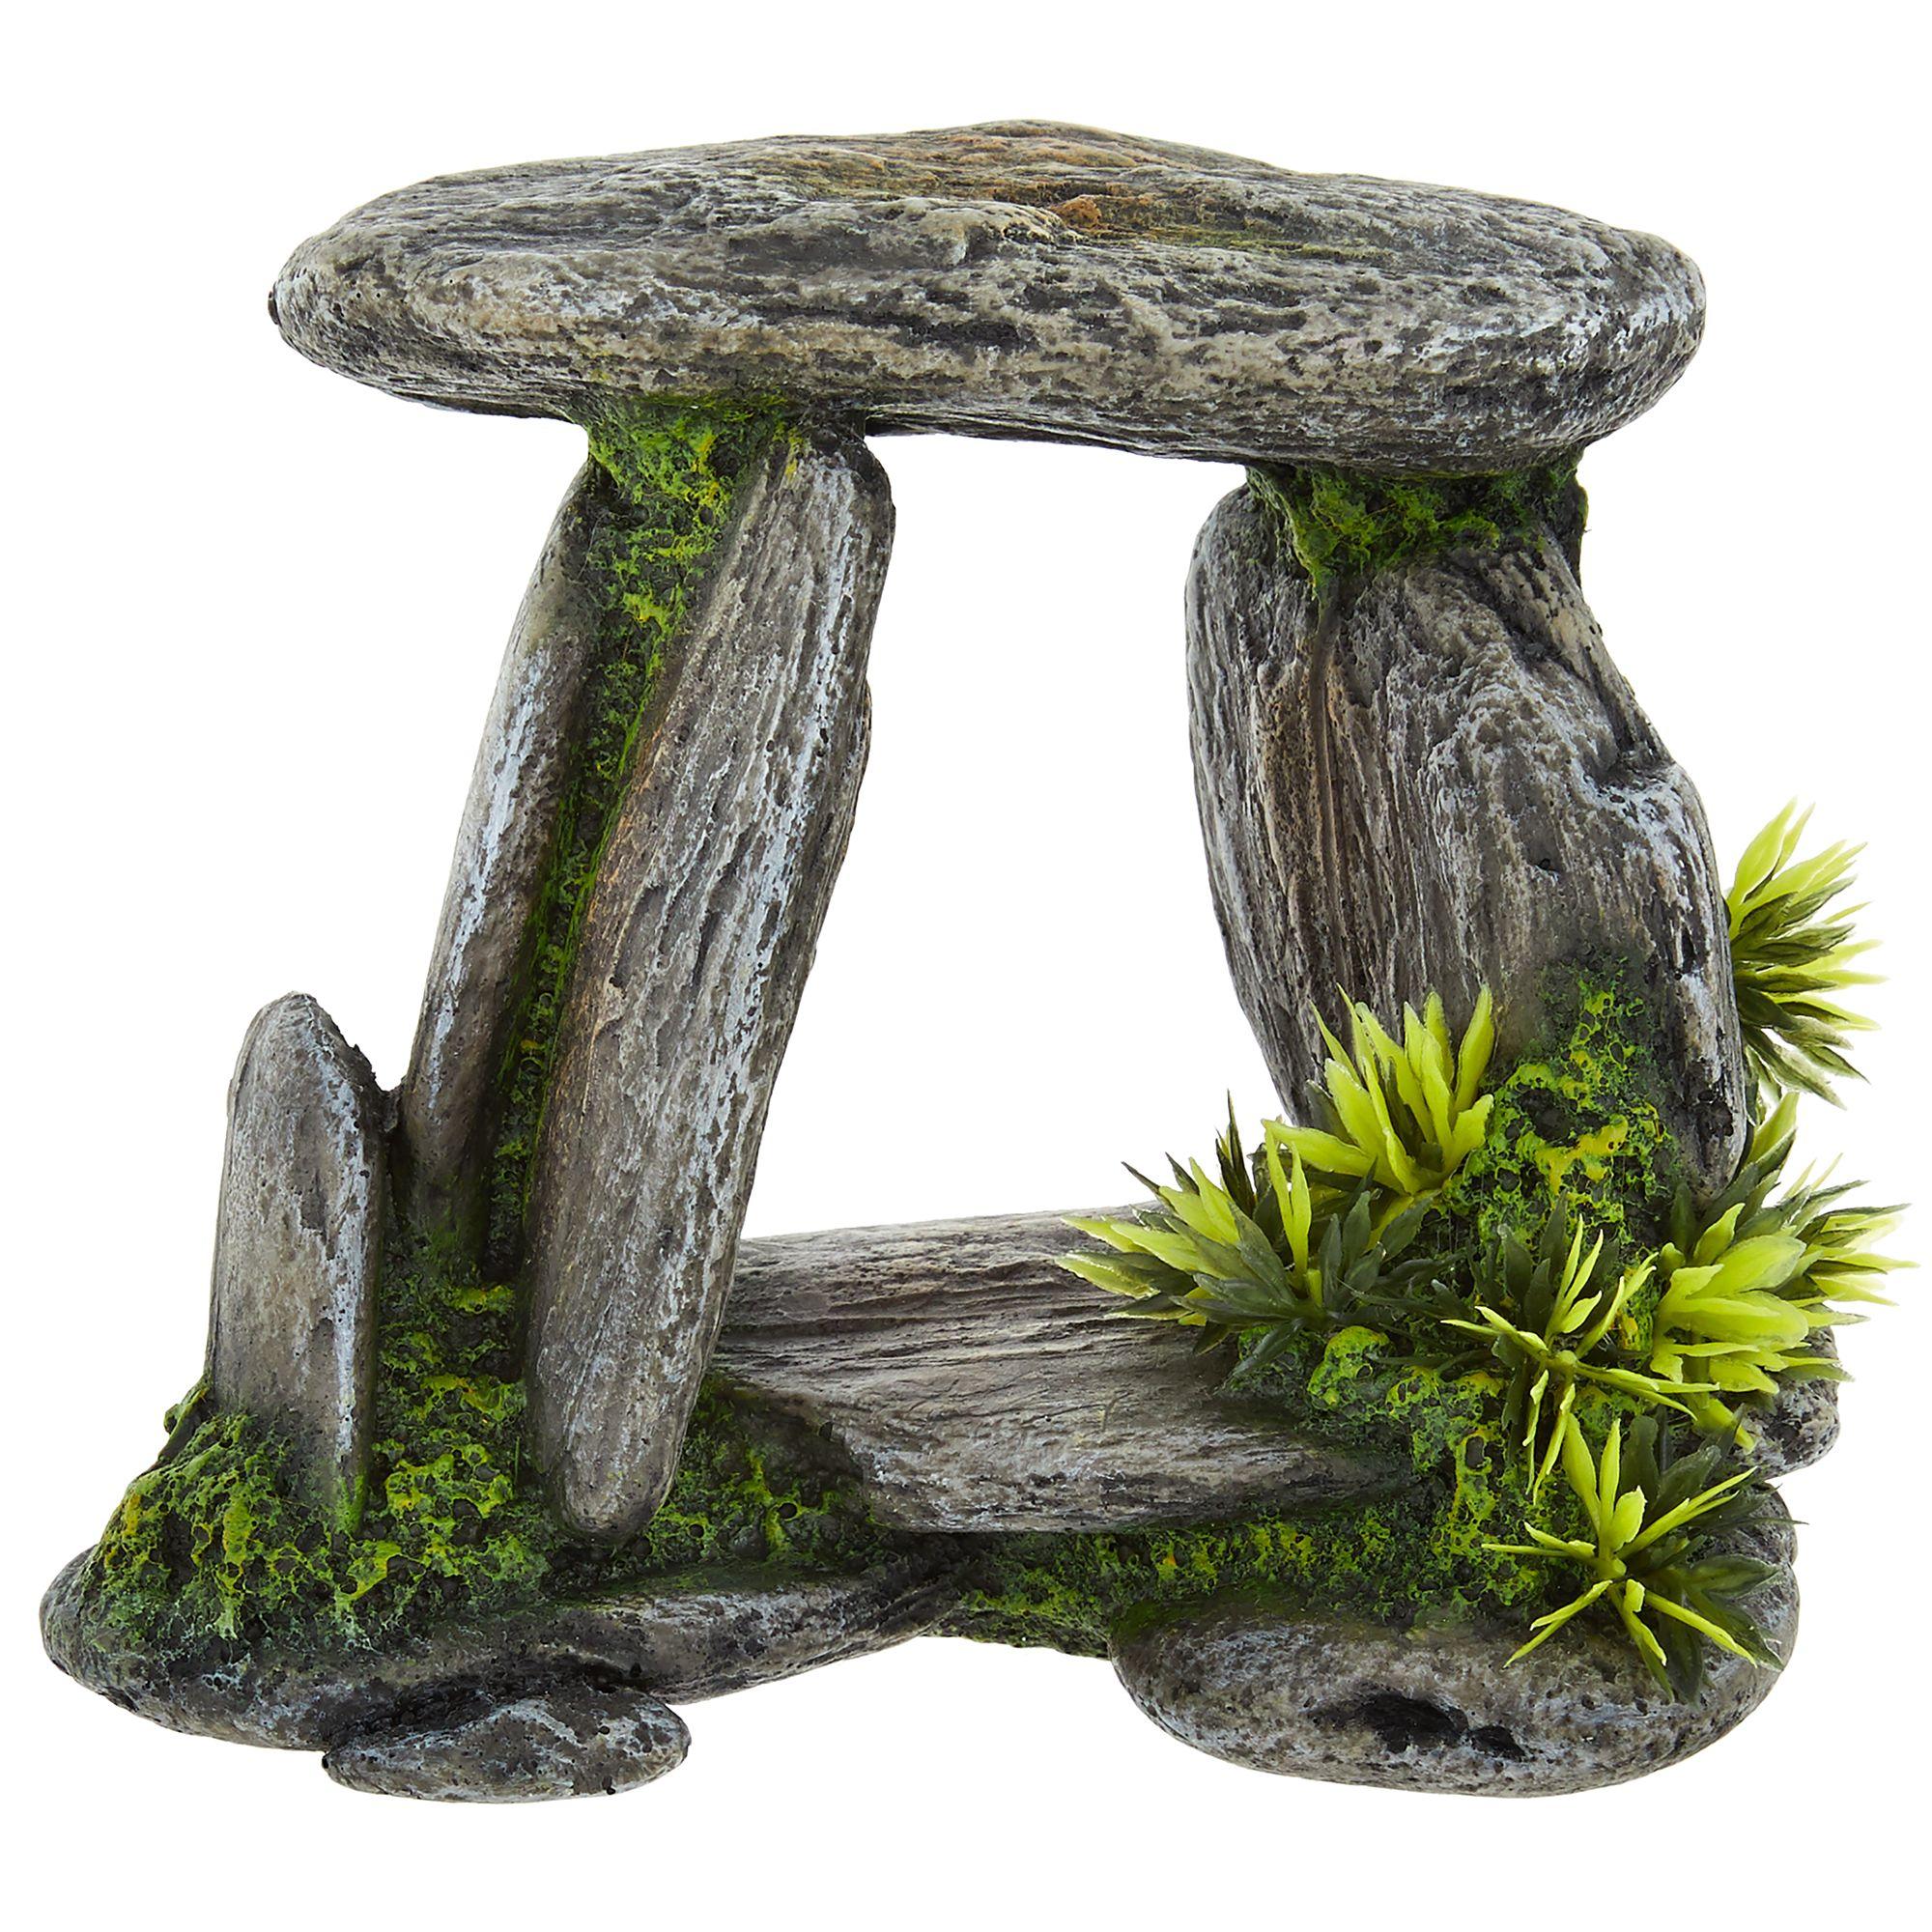 Top Fin® Rock Formation with Plants Aquarium Ornament